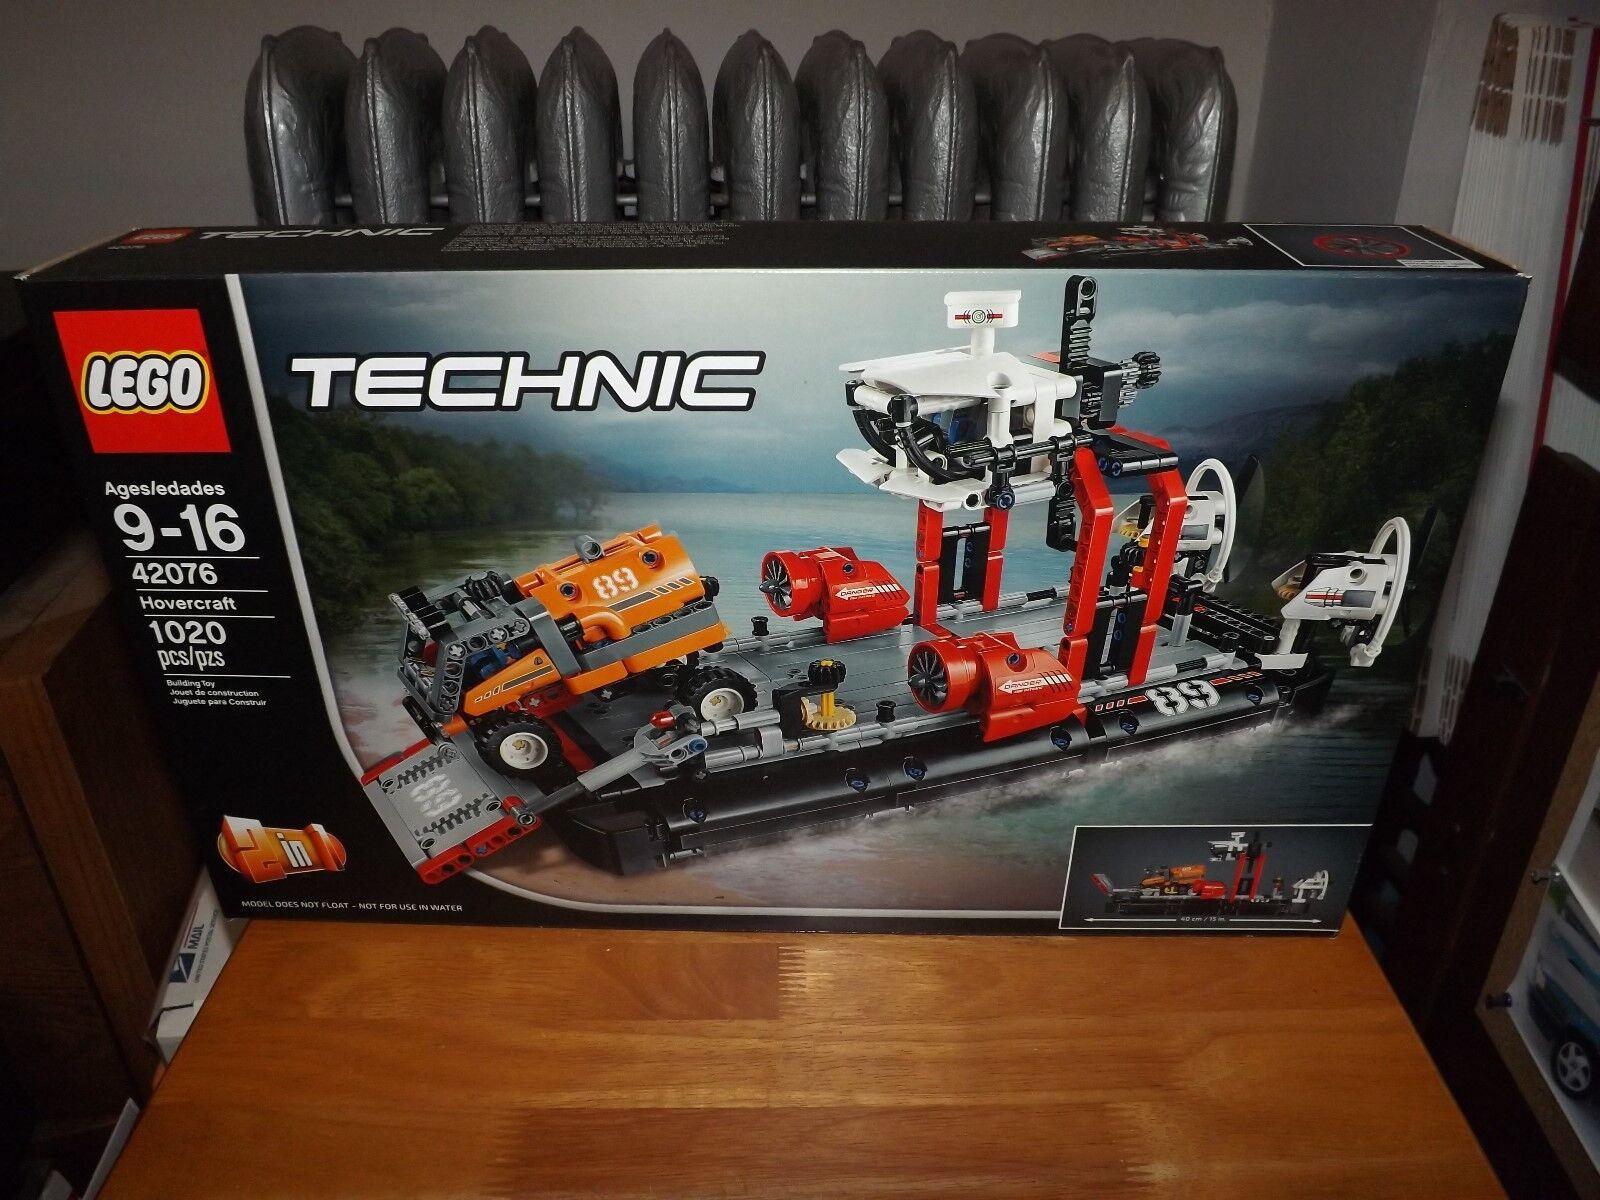 LEGO, TECHNIC, aéroglisseur, Kit  42076, 1020 pièces, nouveau dans la boîte, 2018